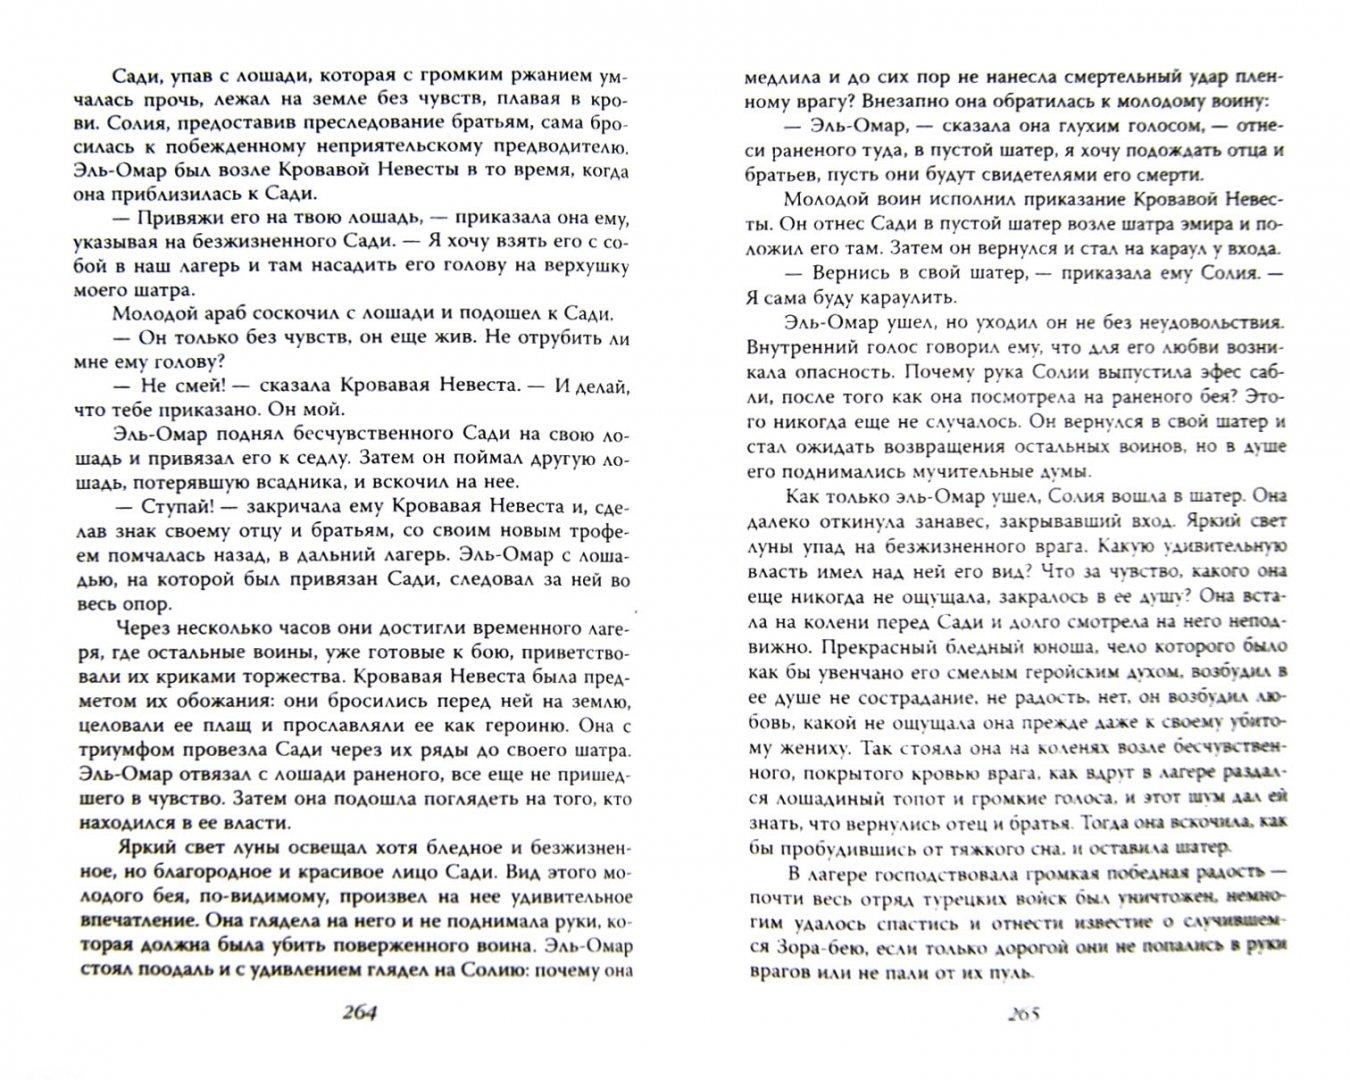 Иллюстрация 1 из 2 для Новая царица гарема - Георг Борн | Лабиринт - книги. Источник: Лабиринт